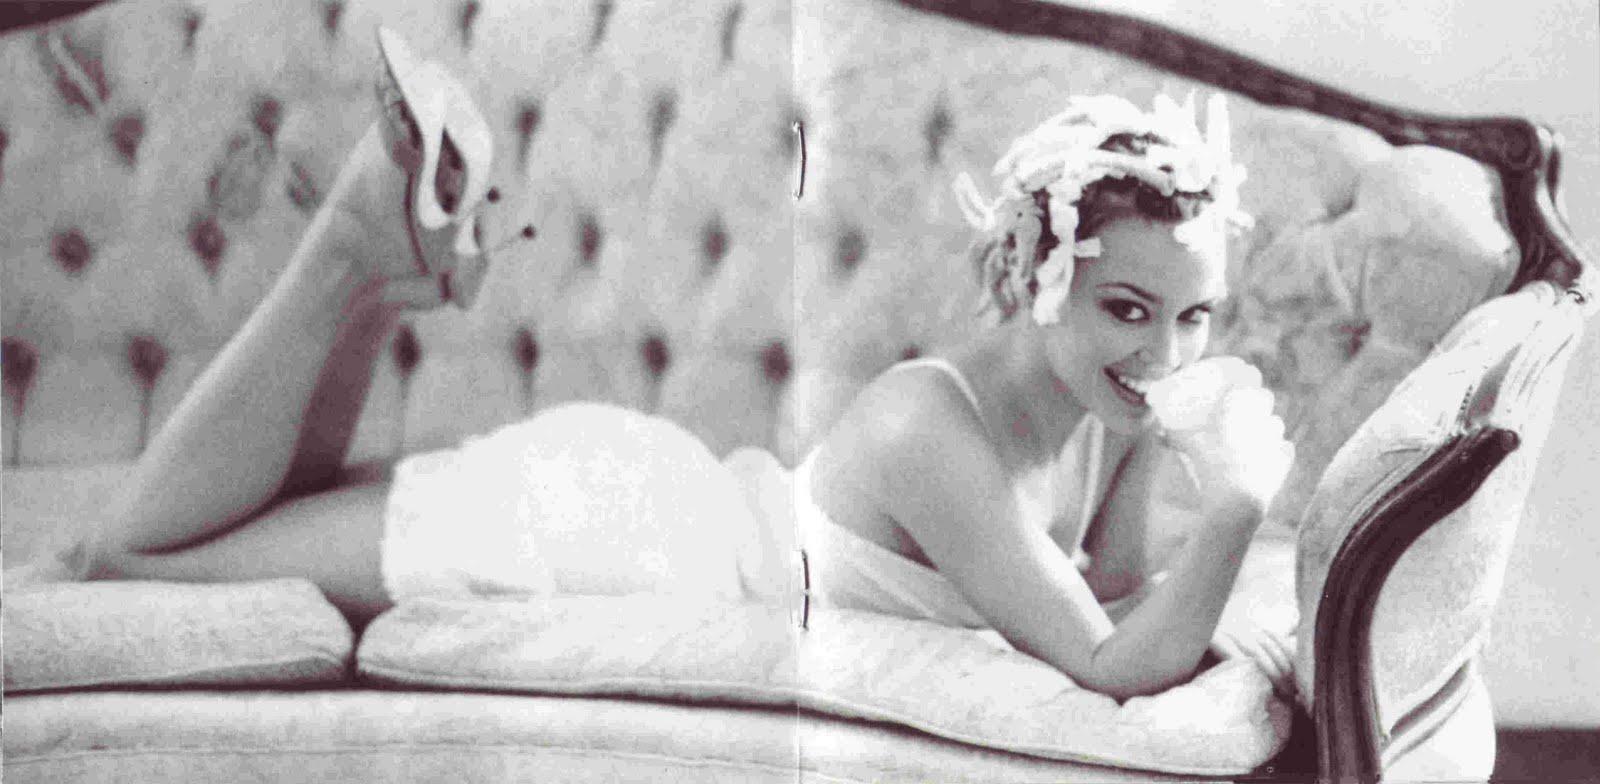 http://1.bp.blogspot.com/-gRB24Nao8xk/TVl-ca5czXI/AAAAAAAARNA/GaEvx6pDql8/s1600/Kylie_Minogue_-_Hits_8.jpg